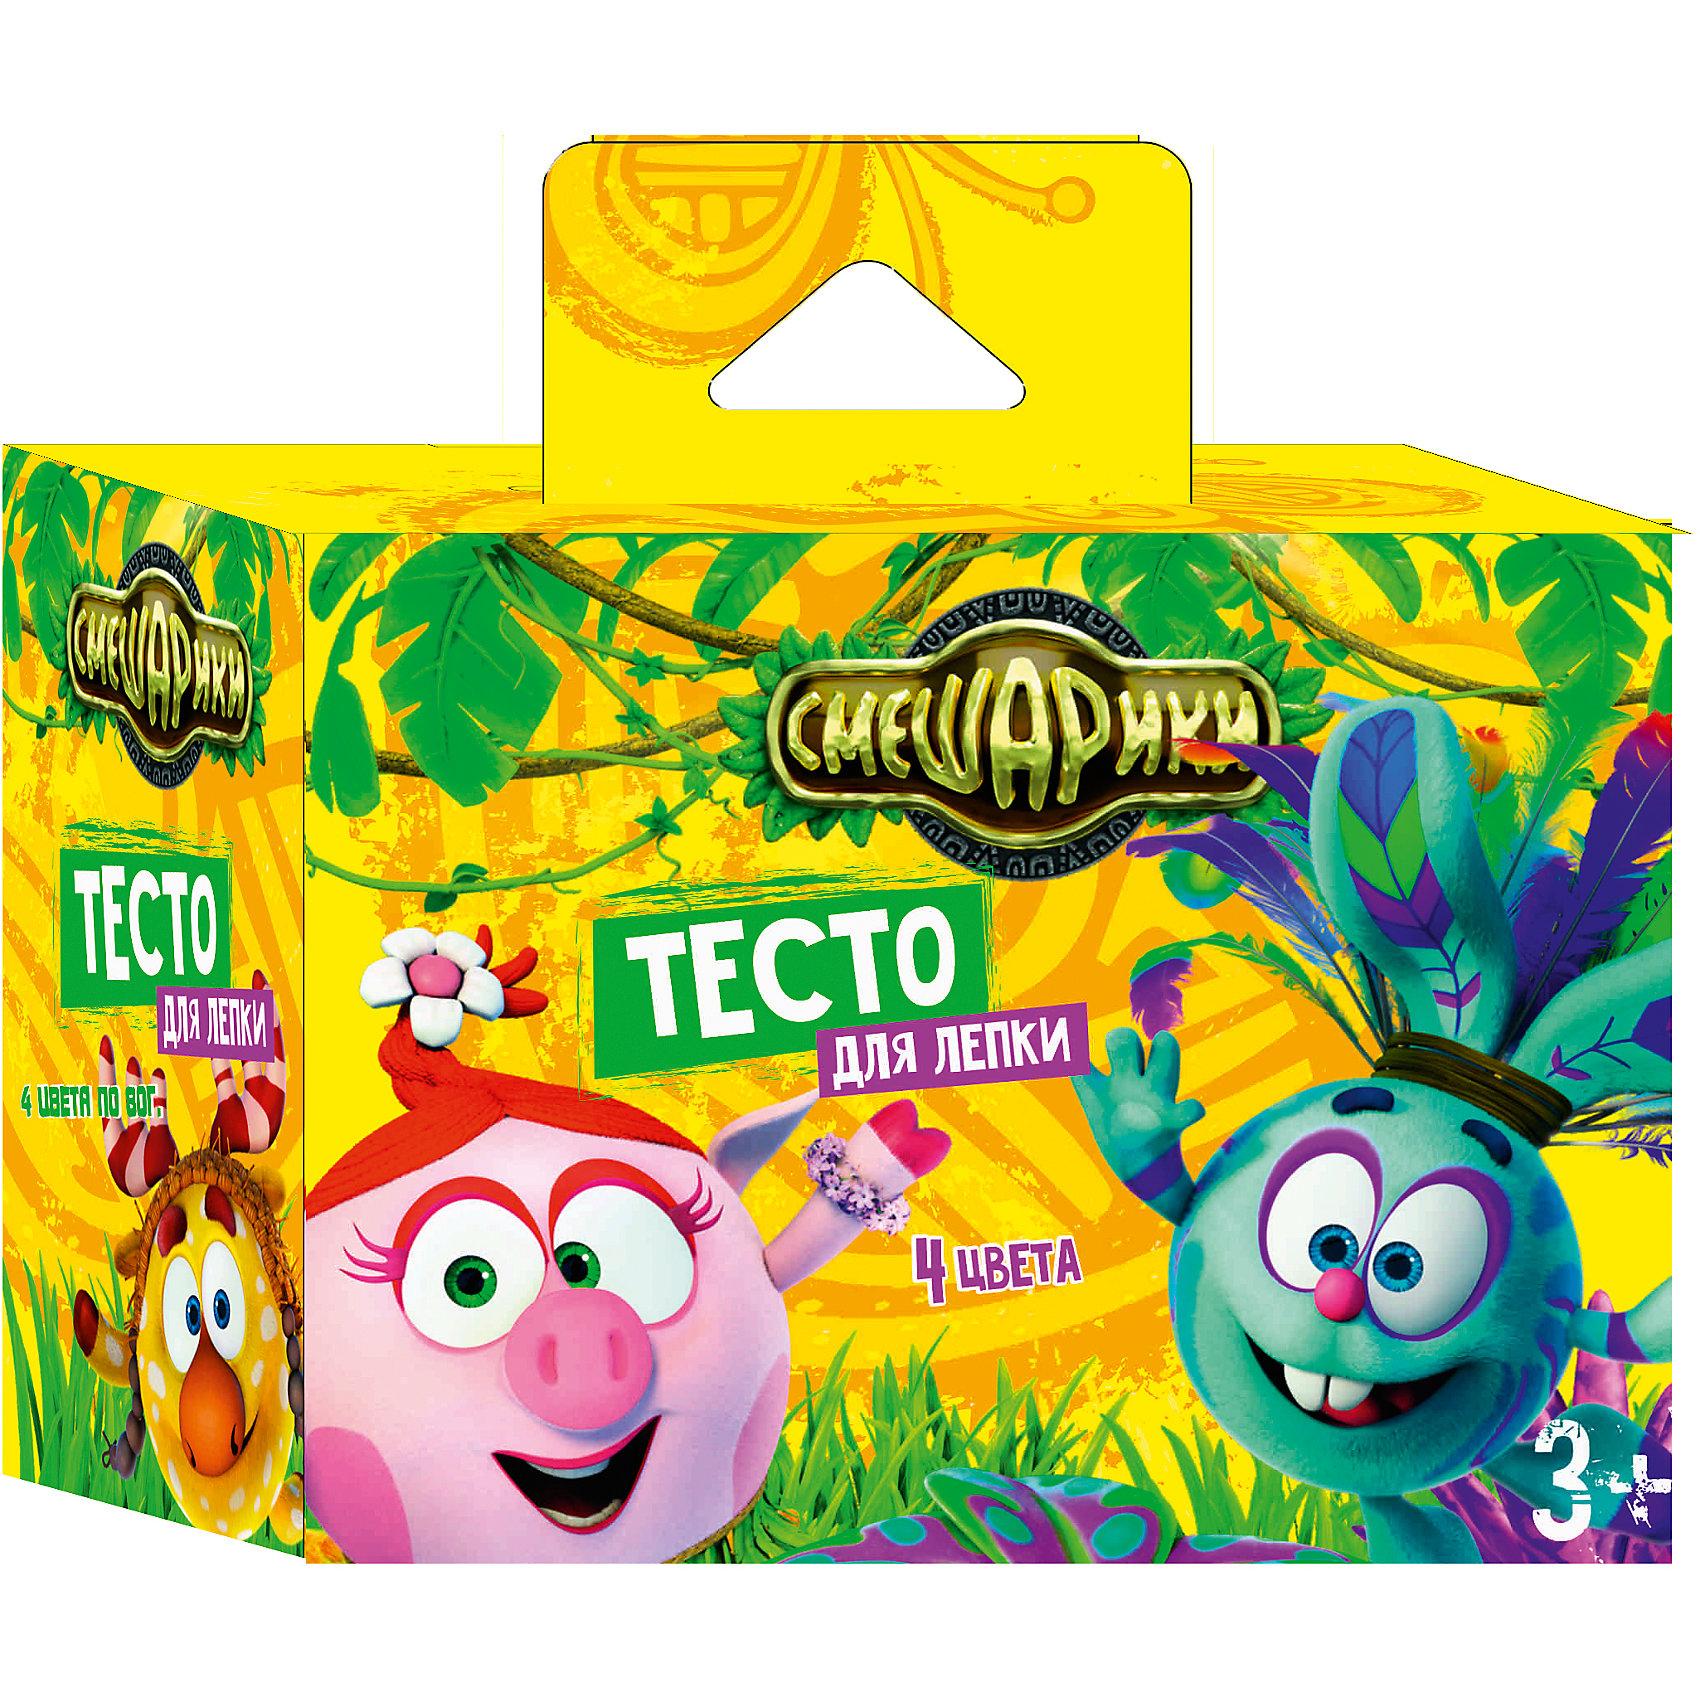 Набор теста для лепки  Смешарики, 4 цвета по 80 гНабор теста для лепки Смешарики, 4 цвета по 80 г, Centrum (Центрум)<br><br>Характеристики:<br><br>• безвредно для ребенка<br>• несколько цветов в комплекте<br>• в наборе: 4 цвета по 80 грамм<br>• размер упаковки: 7,5х10,7х14,3<br><br>Тесто Смешарики станет приятным подарком любителю лепки. В набор входит 4 цвета теста. Тесто хорошо мнется и не прилипает рукам. Ребенок сможет создать красивые фигурки, задействую свою фантазию. Творчество развивает мелкую моторику, фантазию и усидчивость. Подарите ребенку возможность проявить своими творческие способности вместе с любимыми героями!<br><br>Набор теста для лепки Смешарики, 4 цвета по 80 г, Centrum (Центрум) вы можете купить в нашем интернет-магазине.<br><br>Ширина мм: 75<br>Глубина мм: 143<br>Высота мм: 107<br>Вес г: 380<br>Возраст от месяцев: 36<br>Возраст до месяцев: 120<br>Пол: Унисекс<br>Возраст: Детский<br>SKU: 5175358